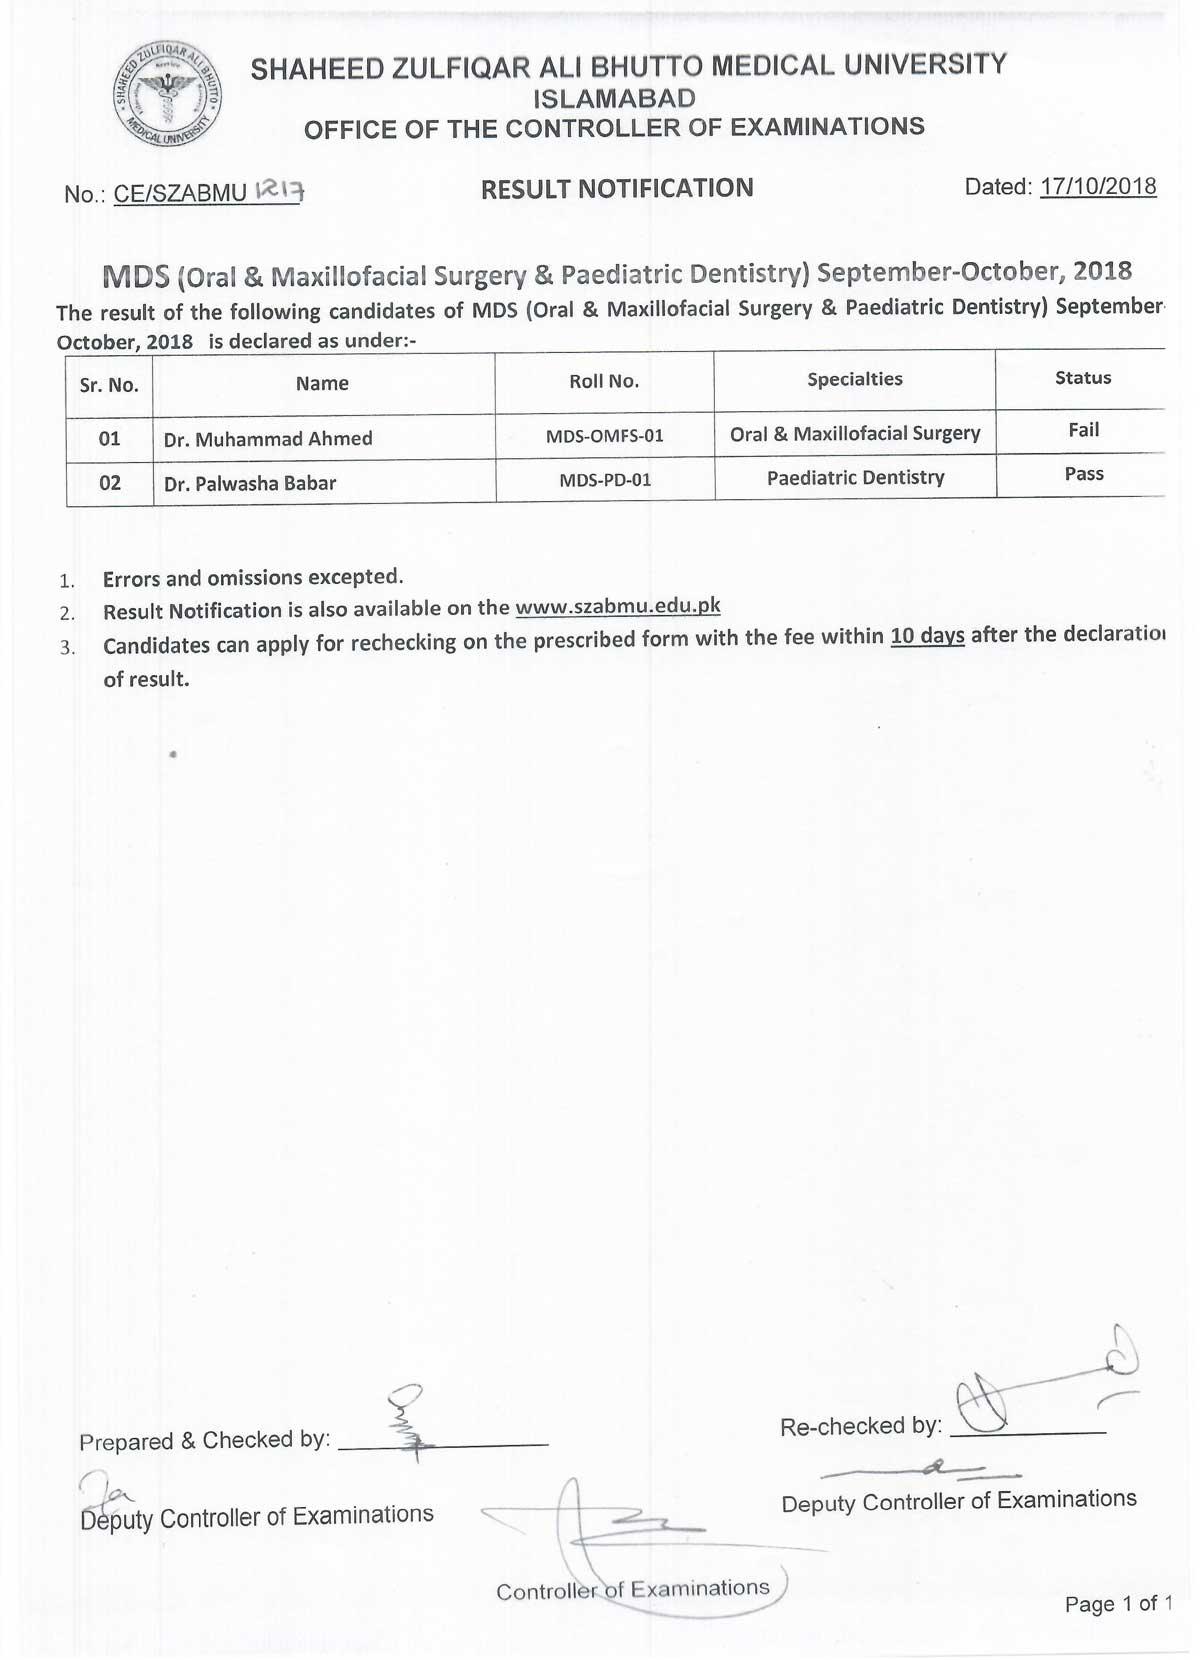 Result Notification - MDS (OMFS & Paediatiric Dentistry) September - October 2018